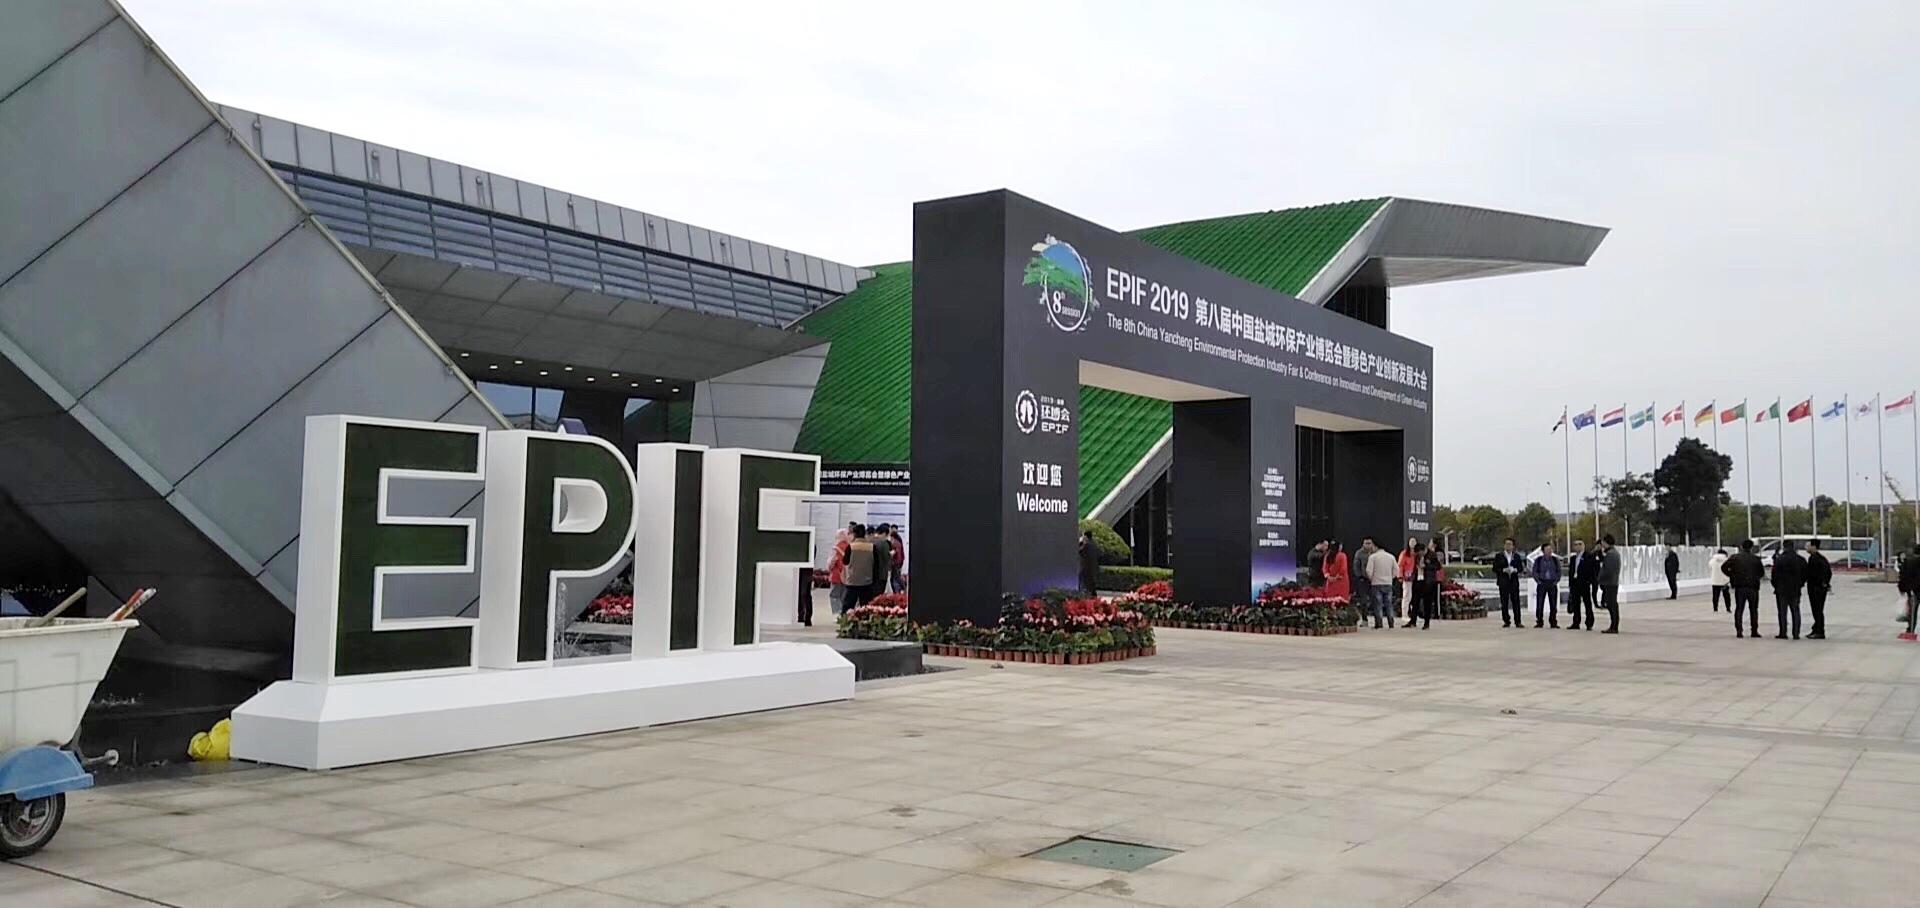 热博rb88体育app下载 | 2019第八届中国盐城环保产业博览会回顾